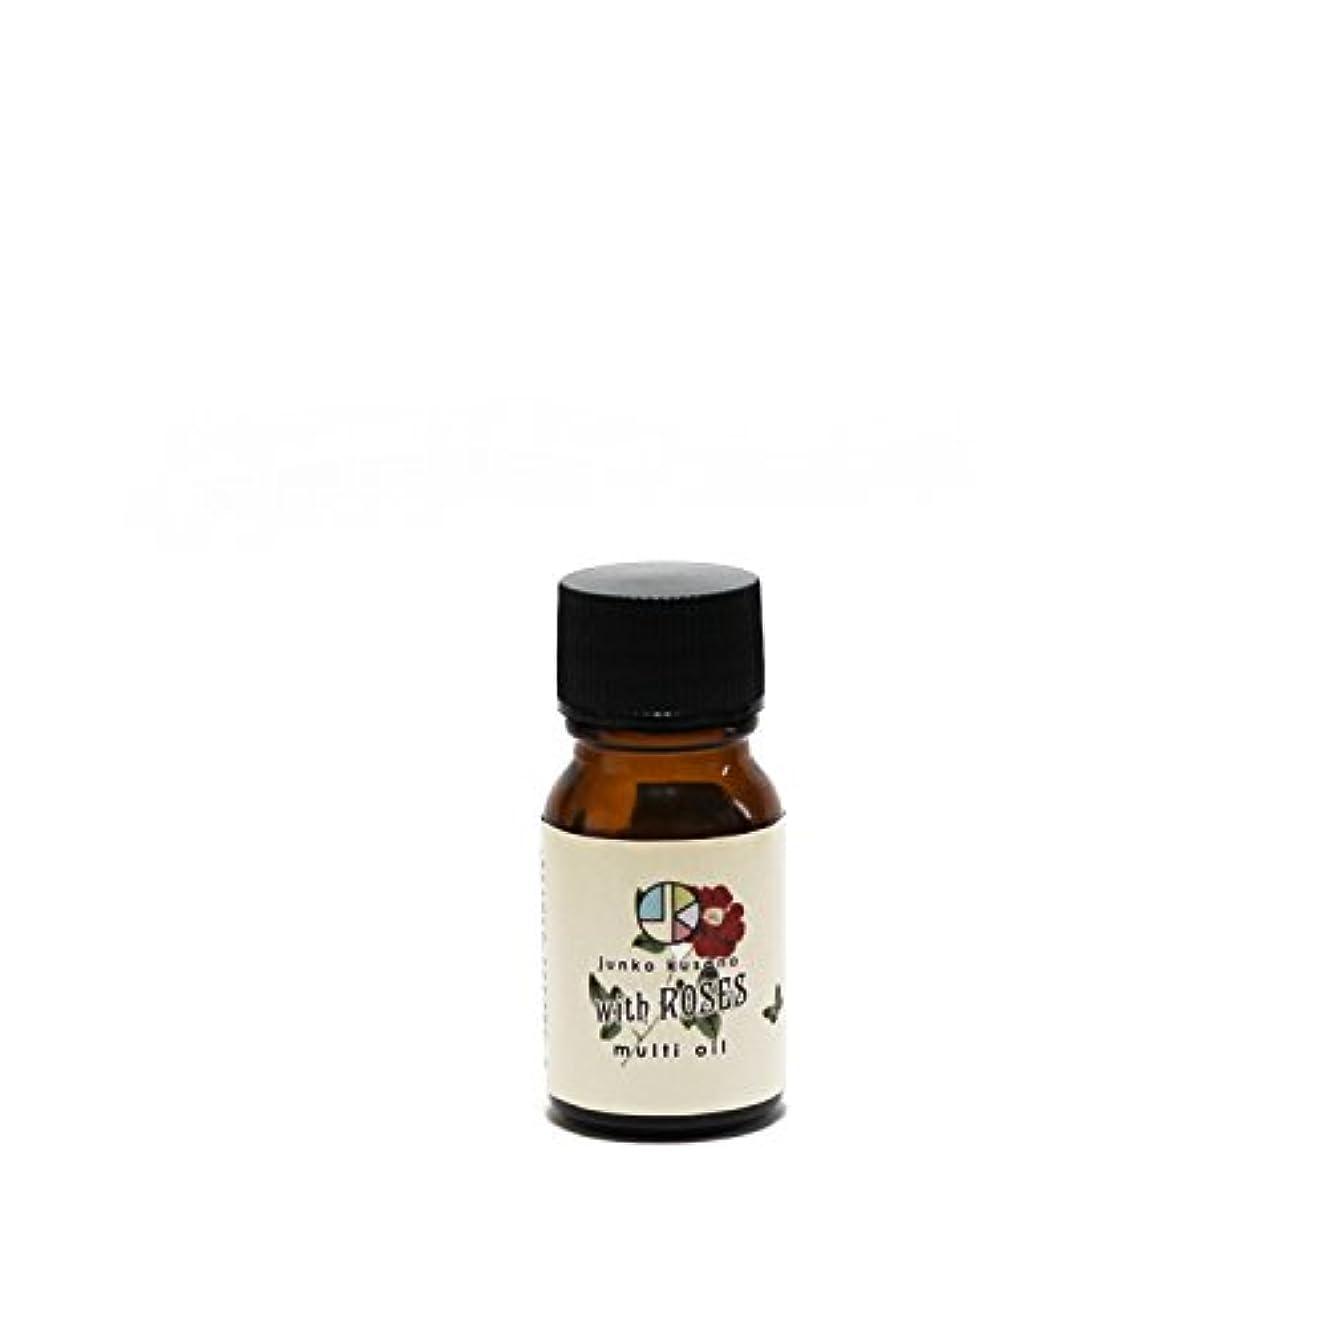 テスピアン狂った瞑想的junko kusano multi oil with Roses mini マルチオイルwithローズ ミニボトル10ml